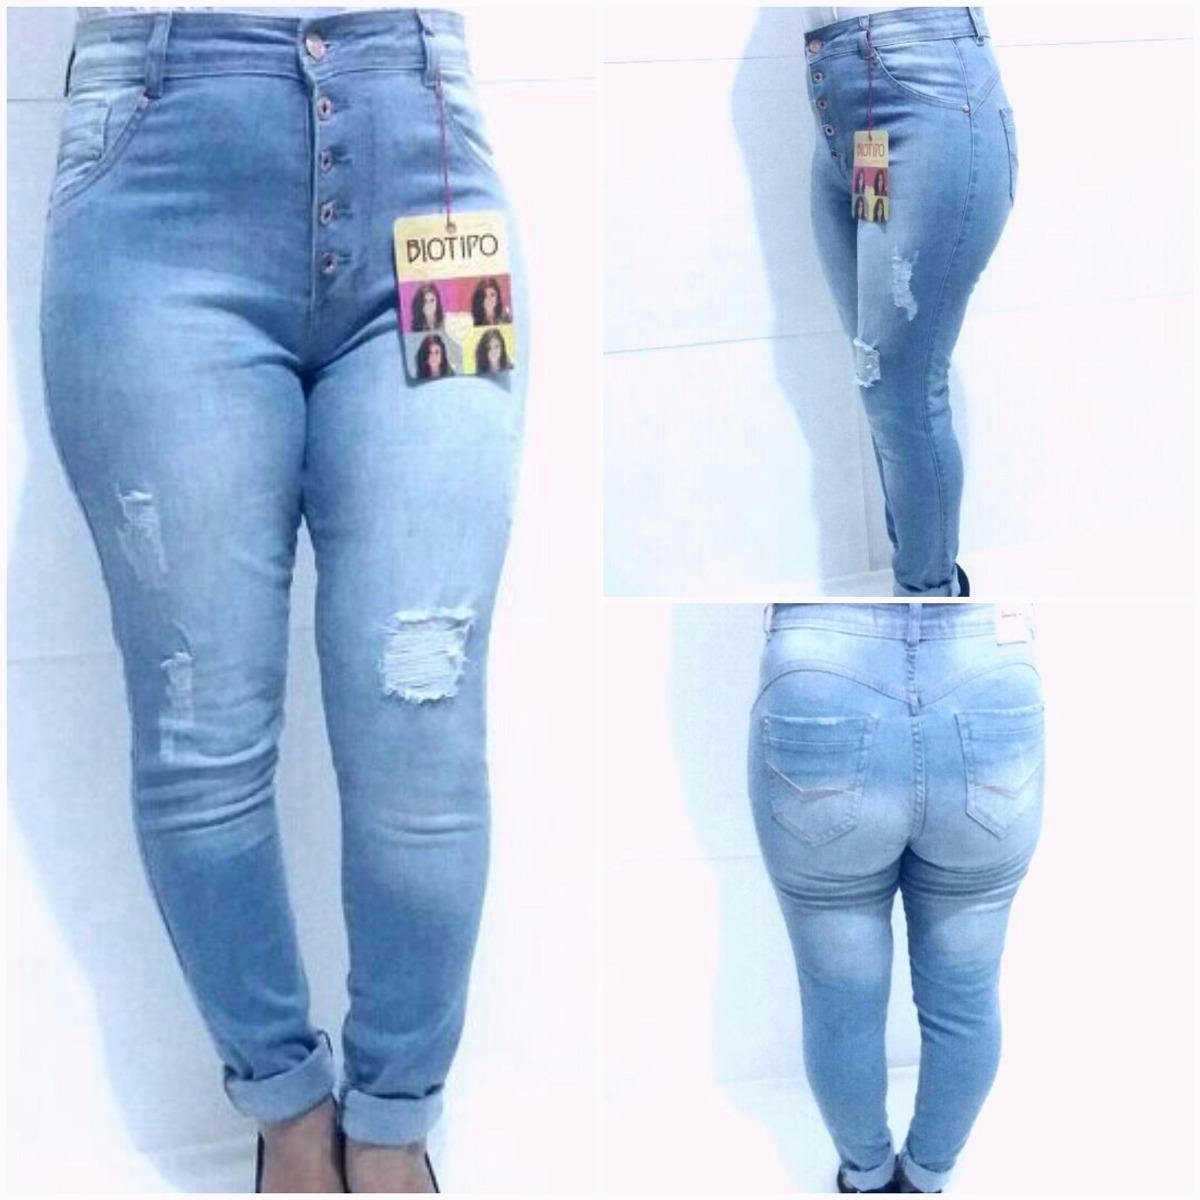 417ec405b6 calça jeans skinny rasgadinha feminina biotipo clara. Carregando zoom.